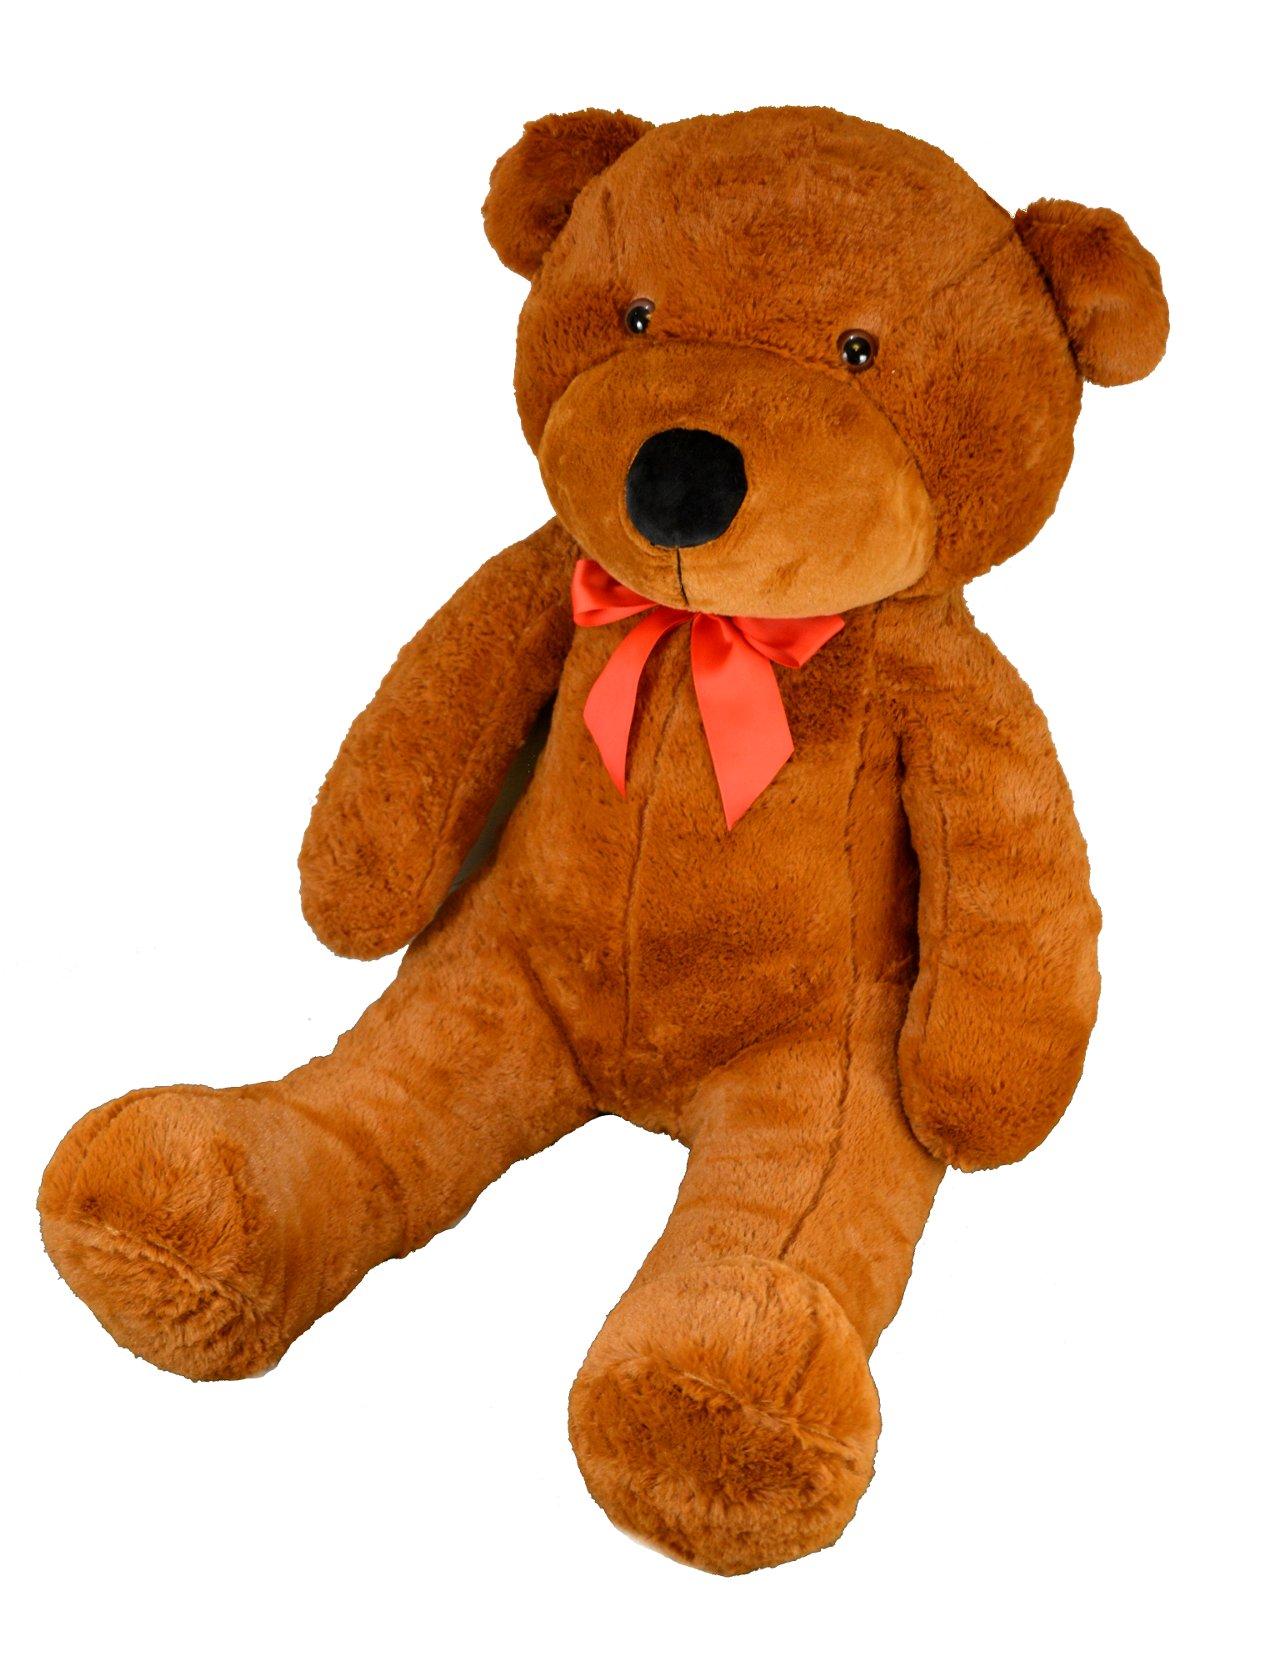 Veľký Medvedík Obrie Obrovské Plyšové mäkké hračky 180 cm